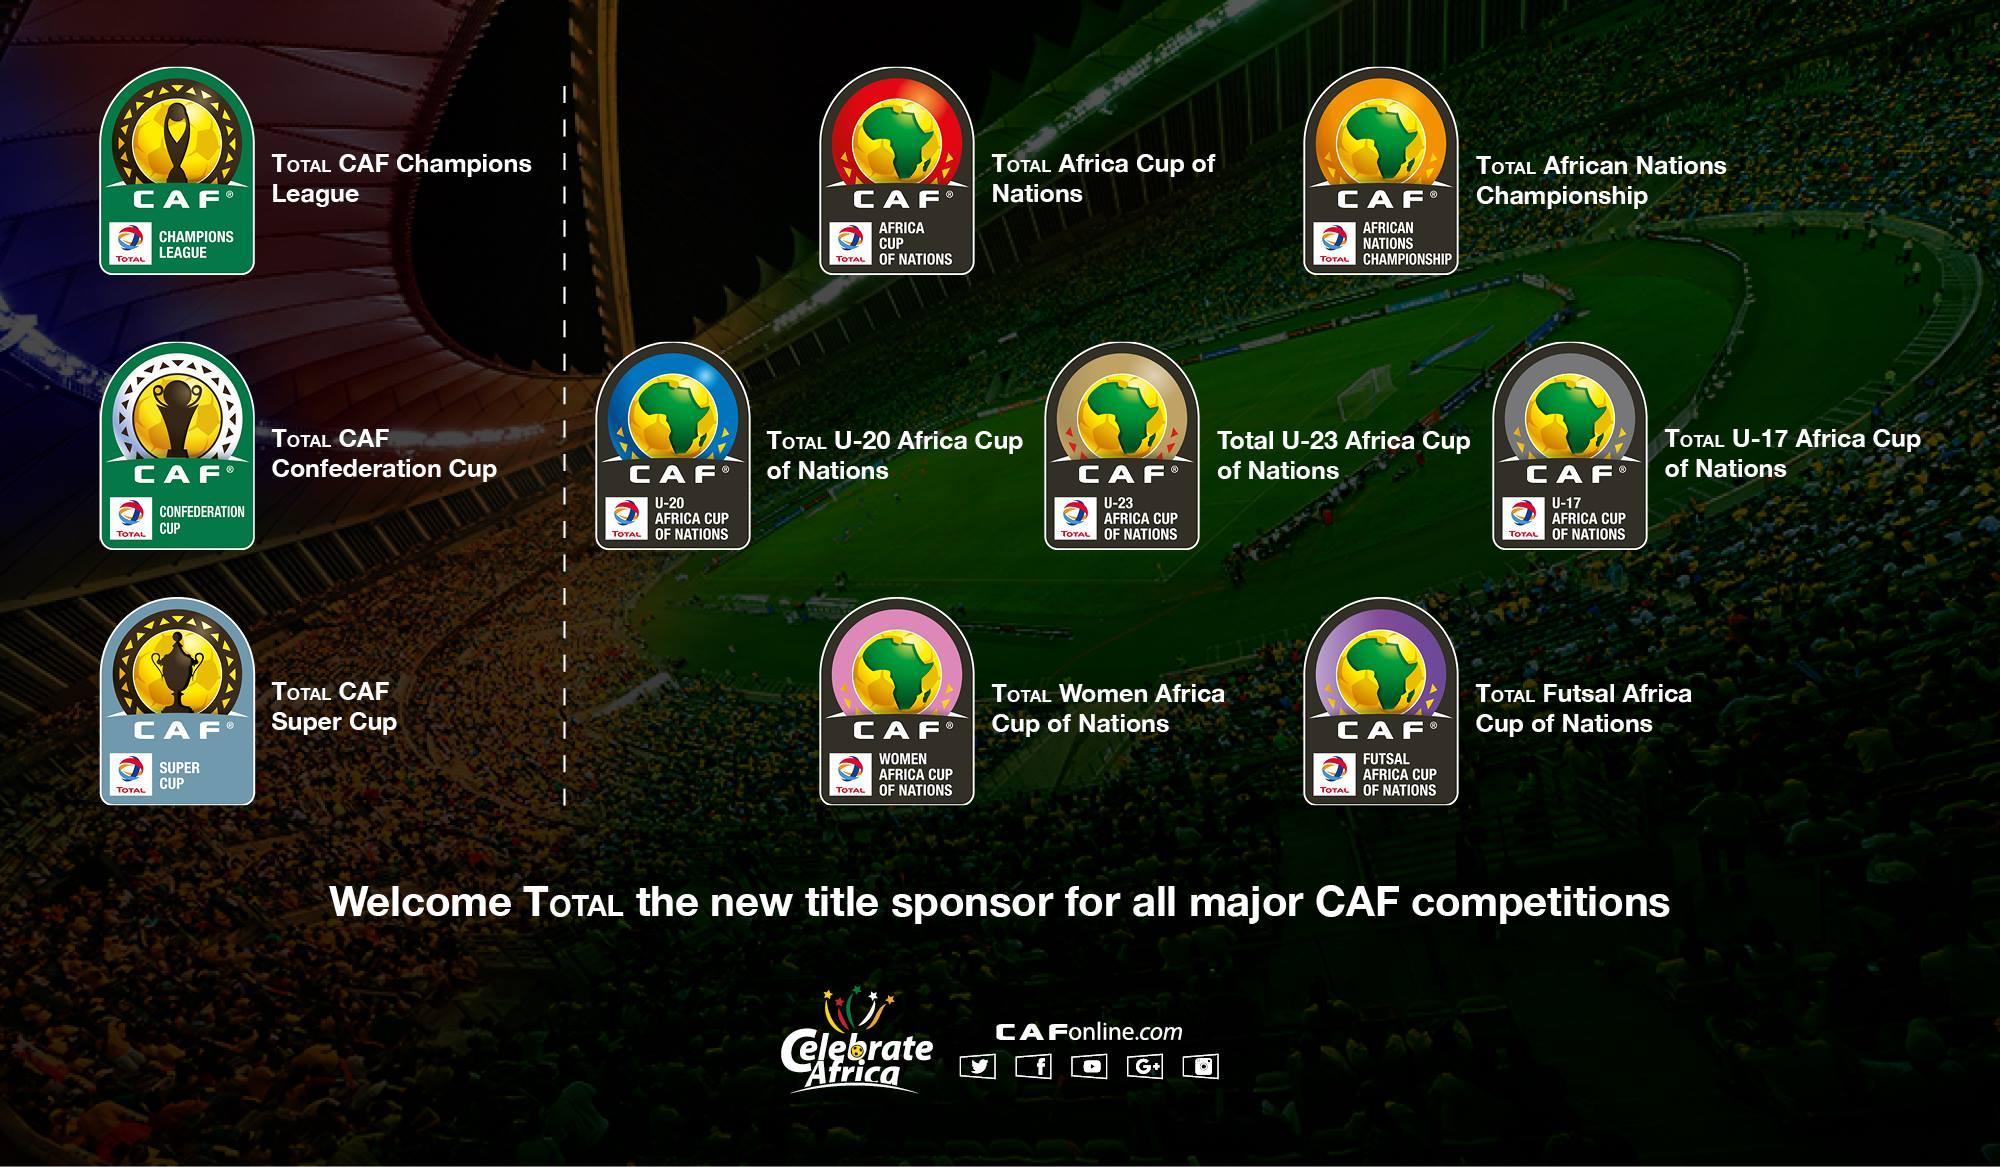 sponsoring-total-caf